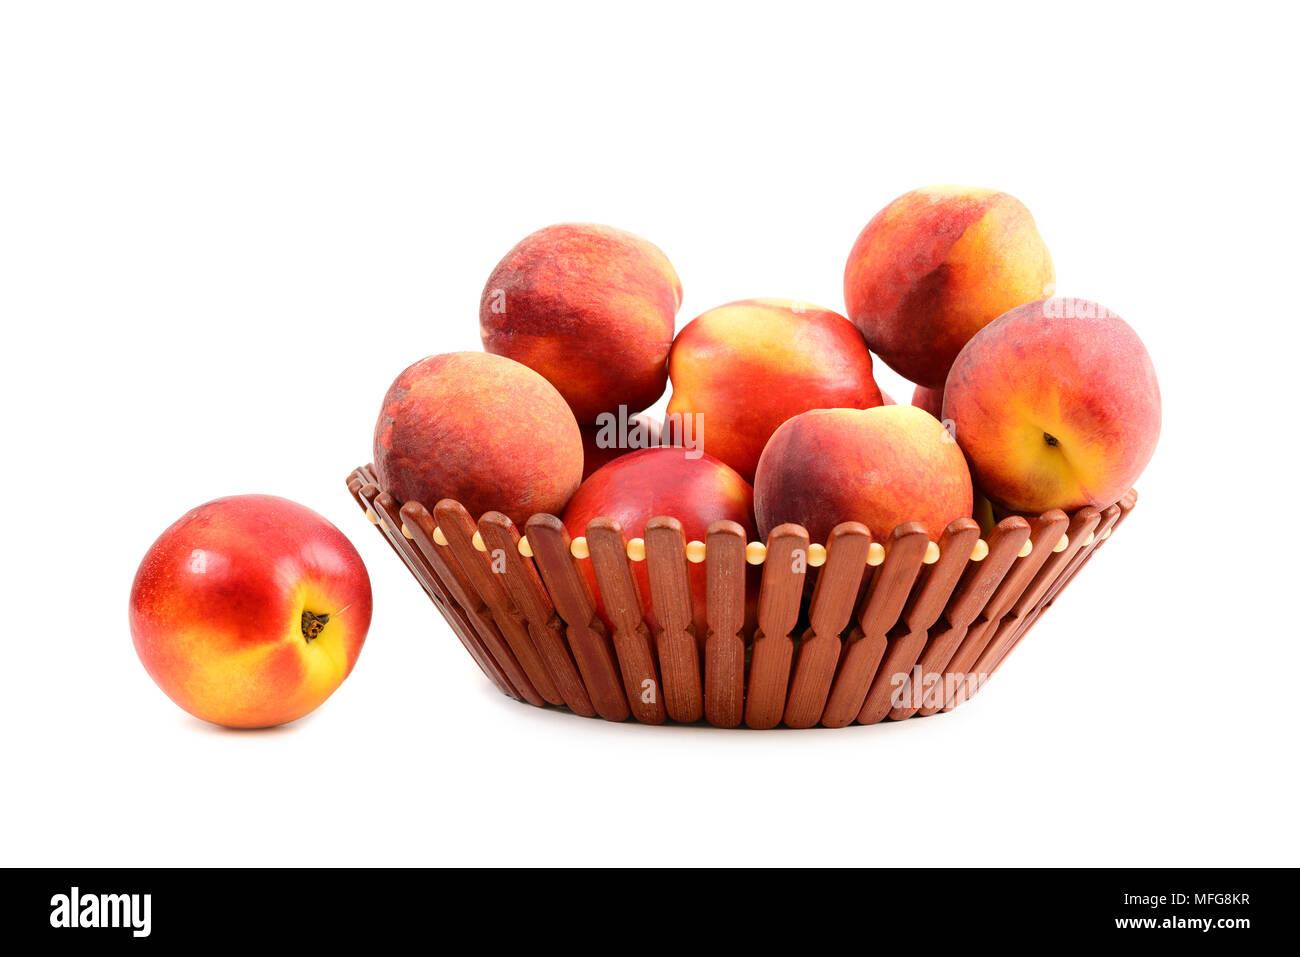 Melocotón fresco en la cesta de frutas sobre fondo blanco aislado Imagen De Stock